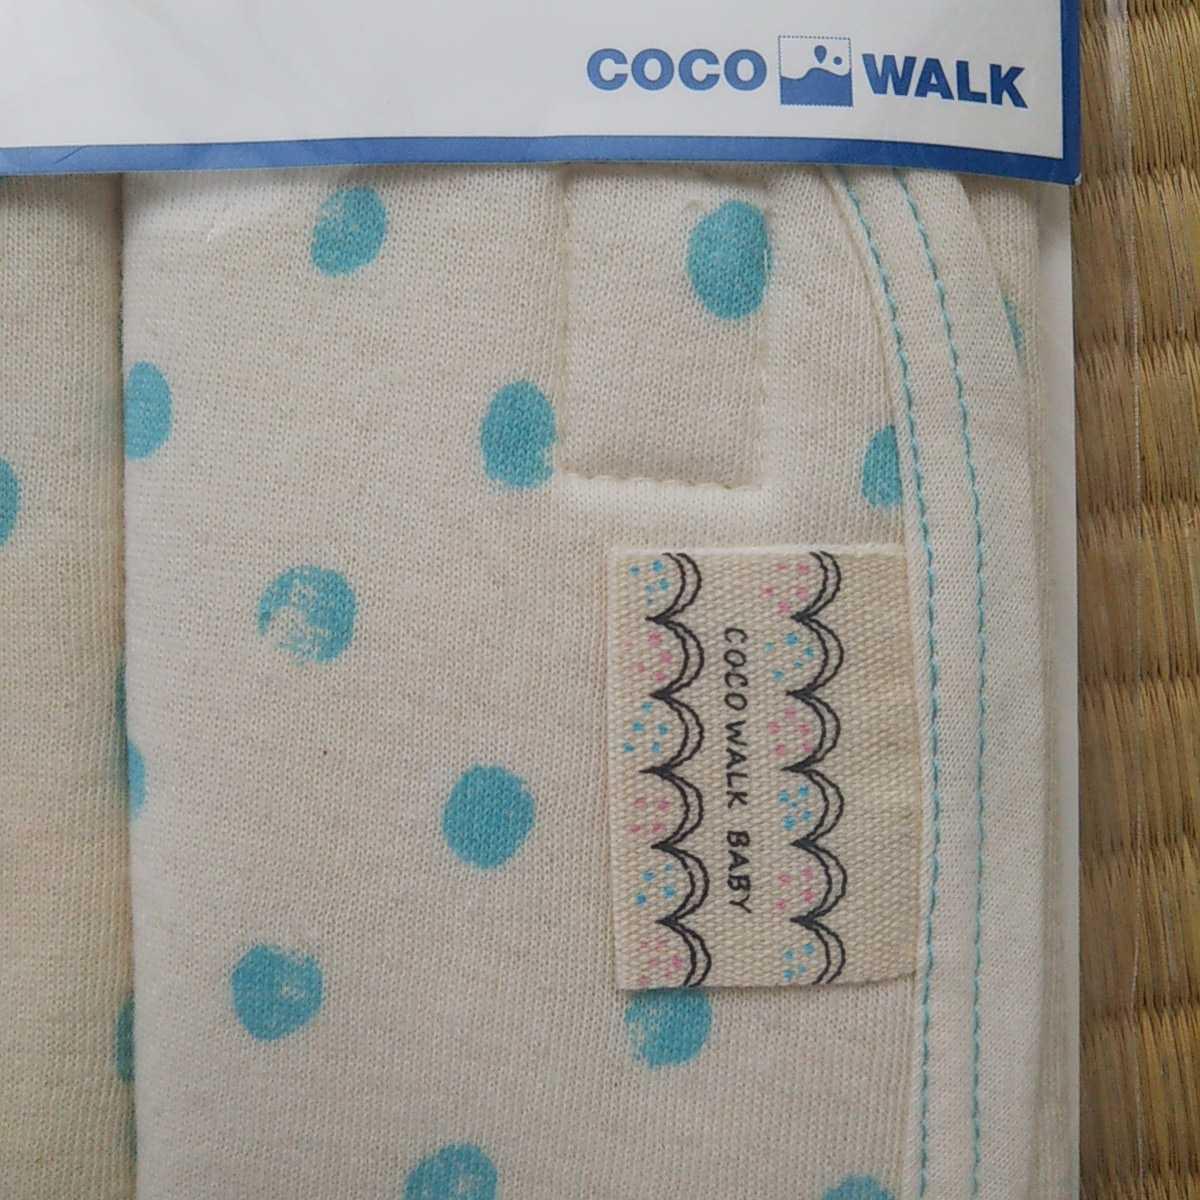 新品未使用未開封☆cocowalk baby ベルトカバー 水色ドット 抱っこひも チャイルドシートカバー ベビーカー肩ベルトに 日本製 ココウォーク_画像4